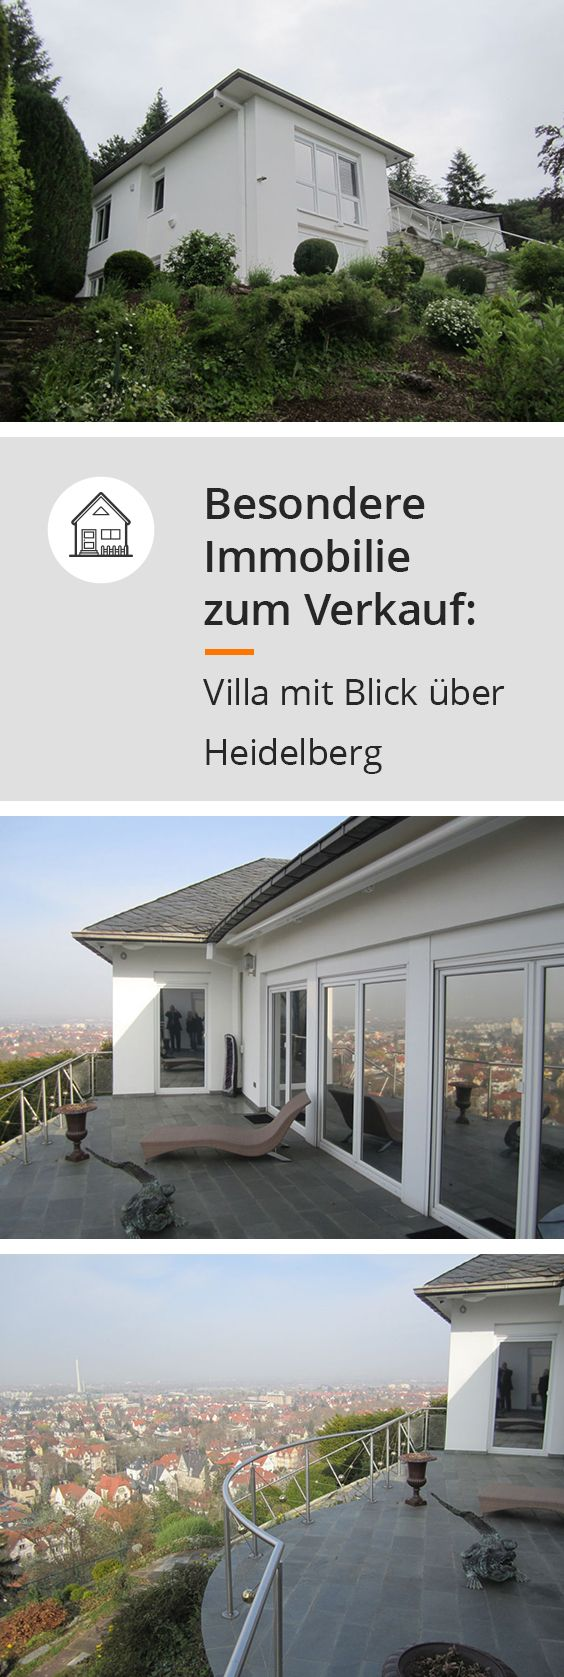 Besondereimmobilie Zum Kauf Villa Mit Blick über Ganz Heidelberg Hauskauf Haus Kaufen Aussicht Villa Haus Haus Bungalow